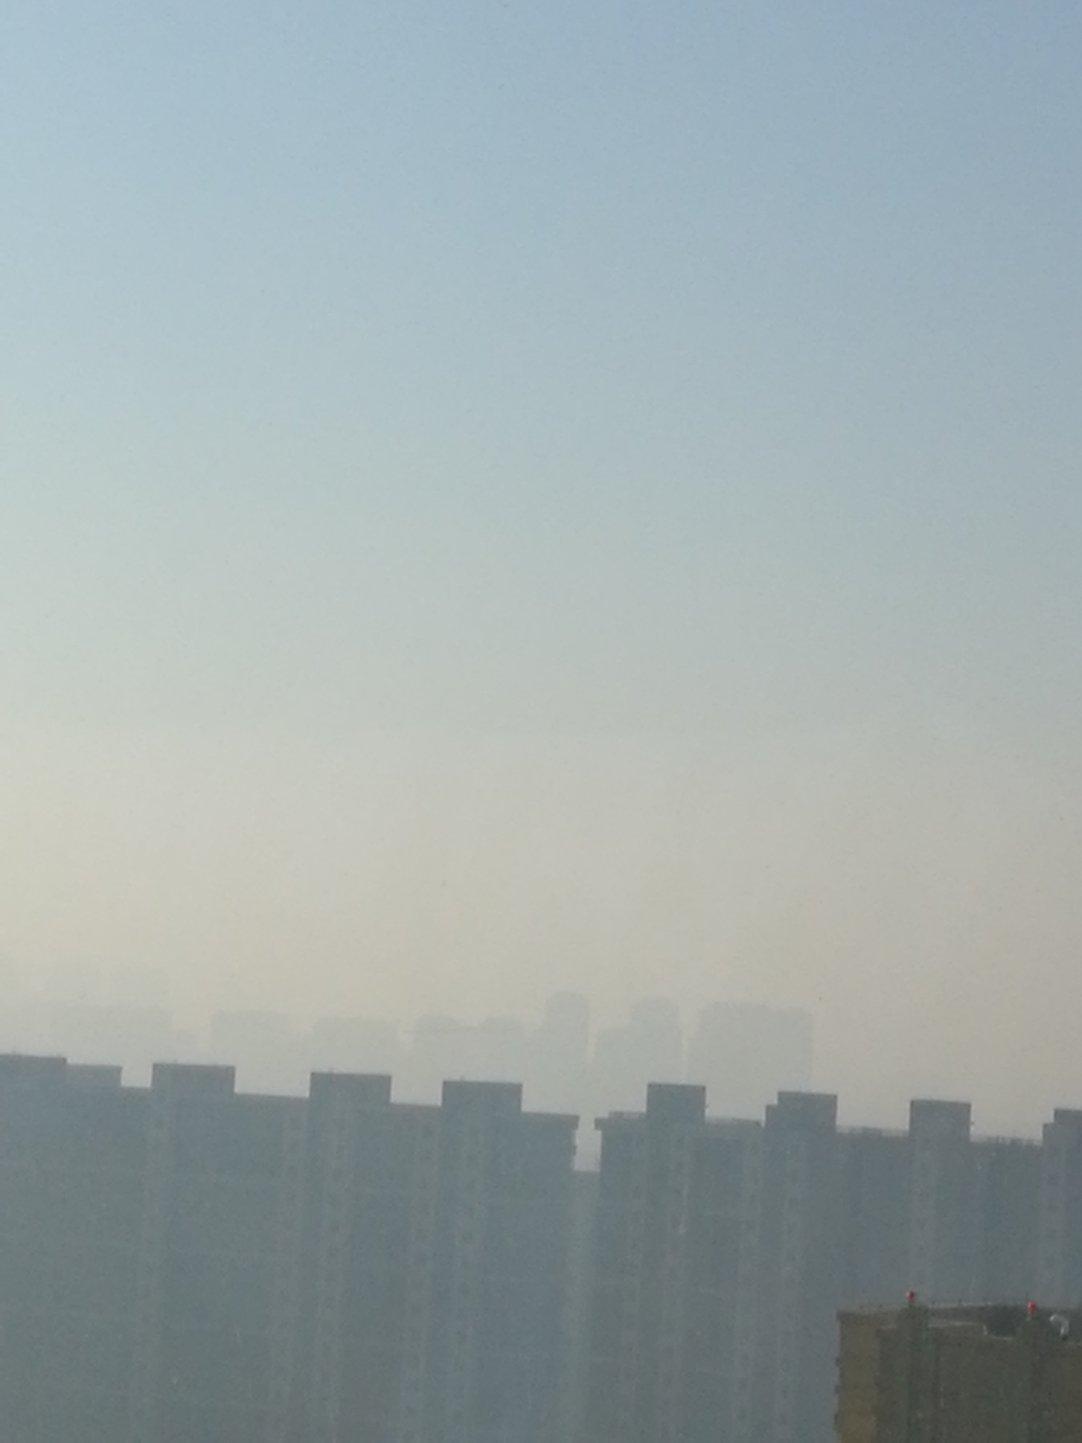 吉林省长春市朝阳区博才路靠近吉林动画学院-专家公寓天气预报图片